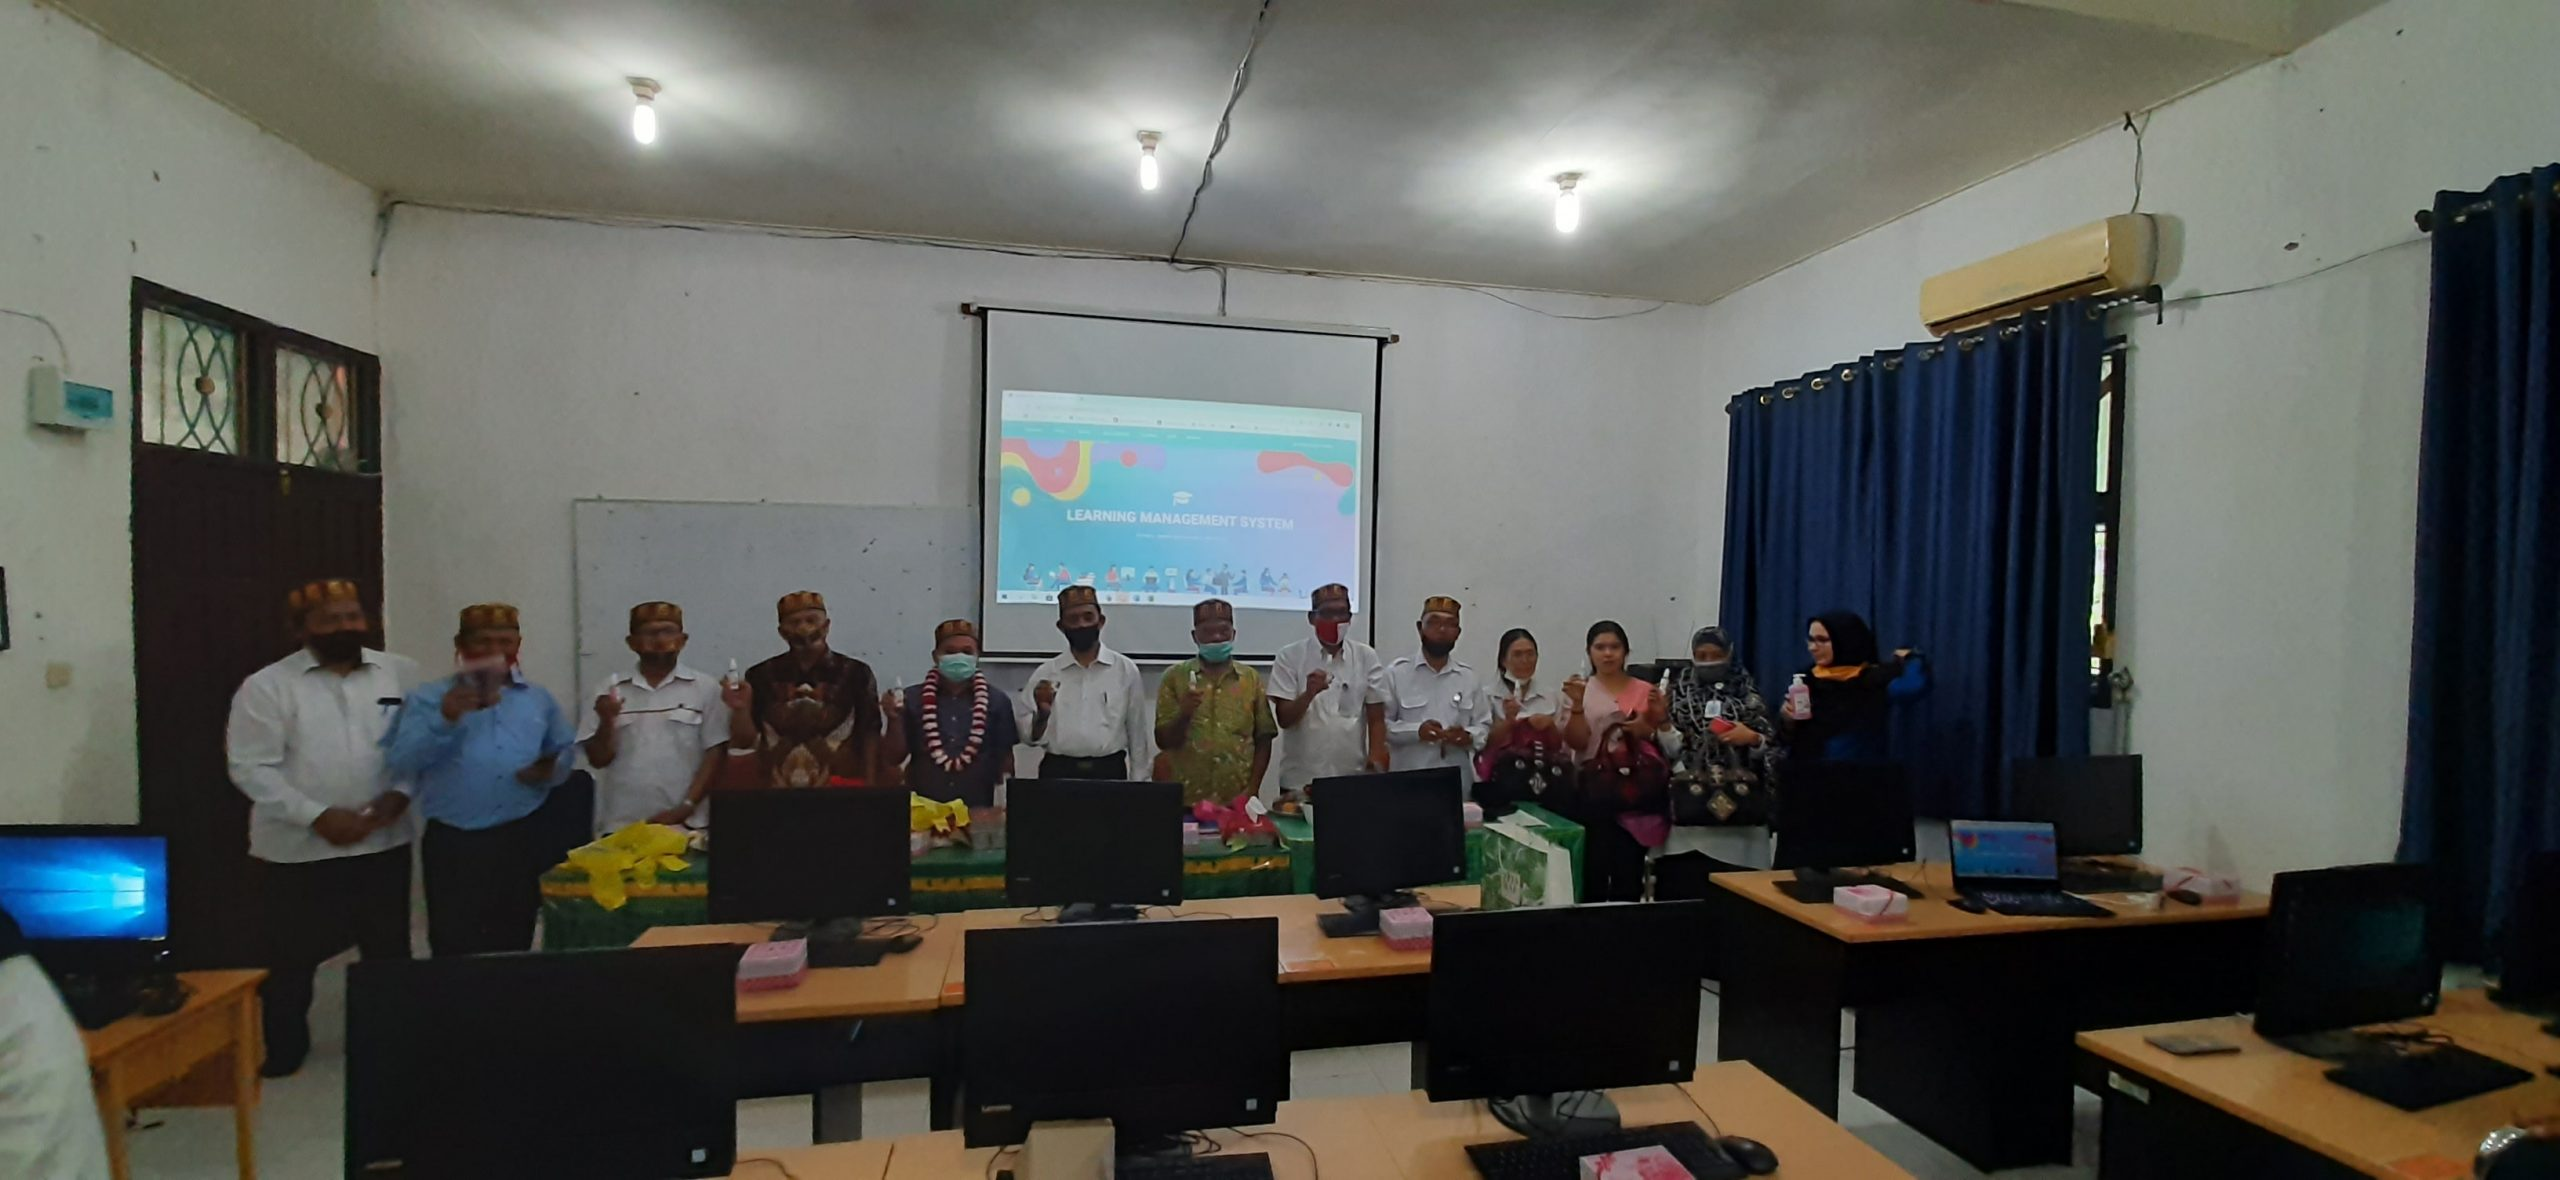 Kedatangan Rombongan Komisi III DPRD Pakpak Bharat di SMP Negeri 19 Percontohan Banda Aceh